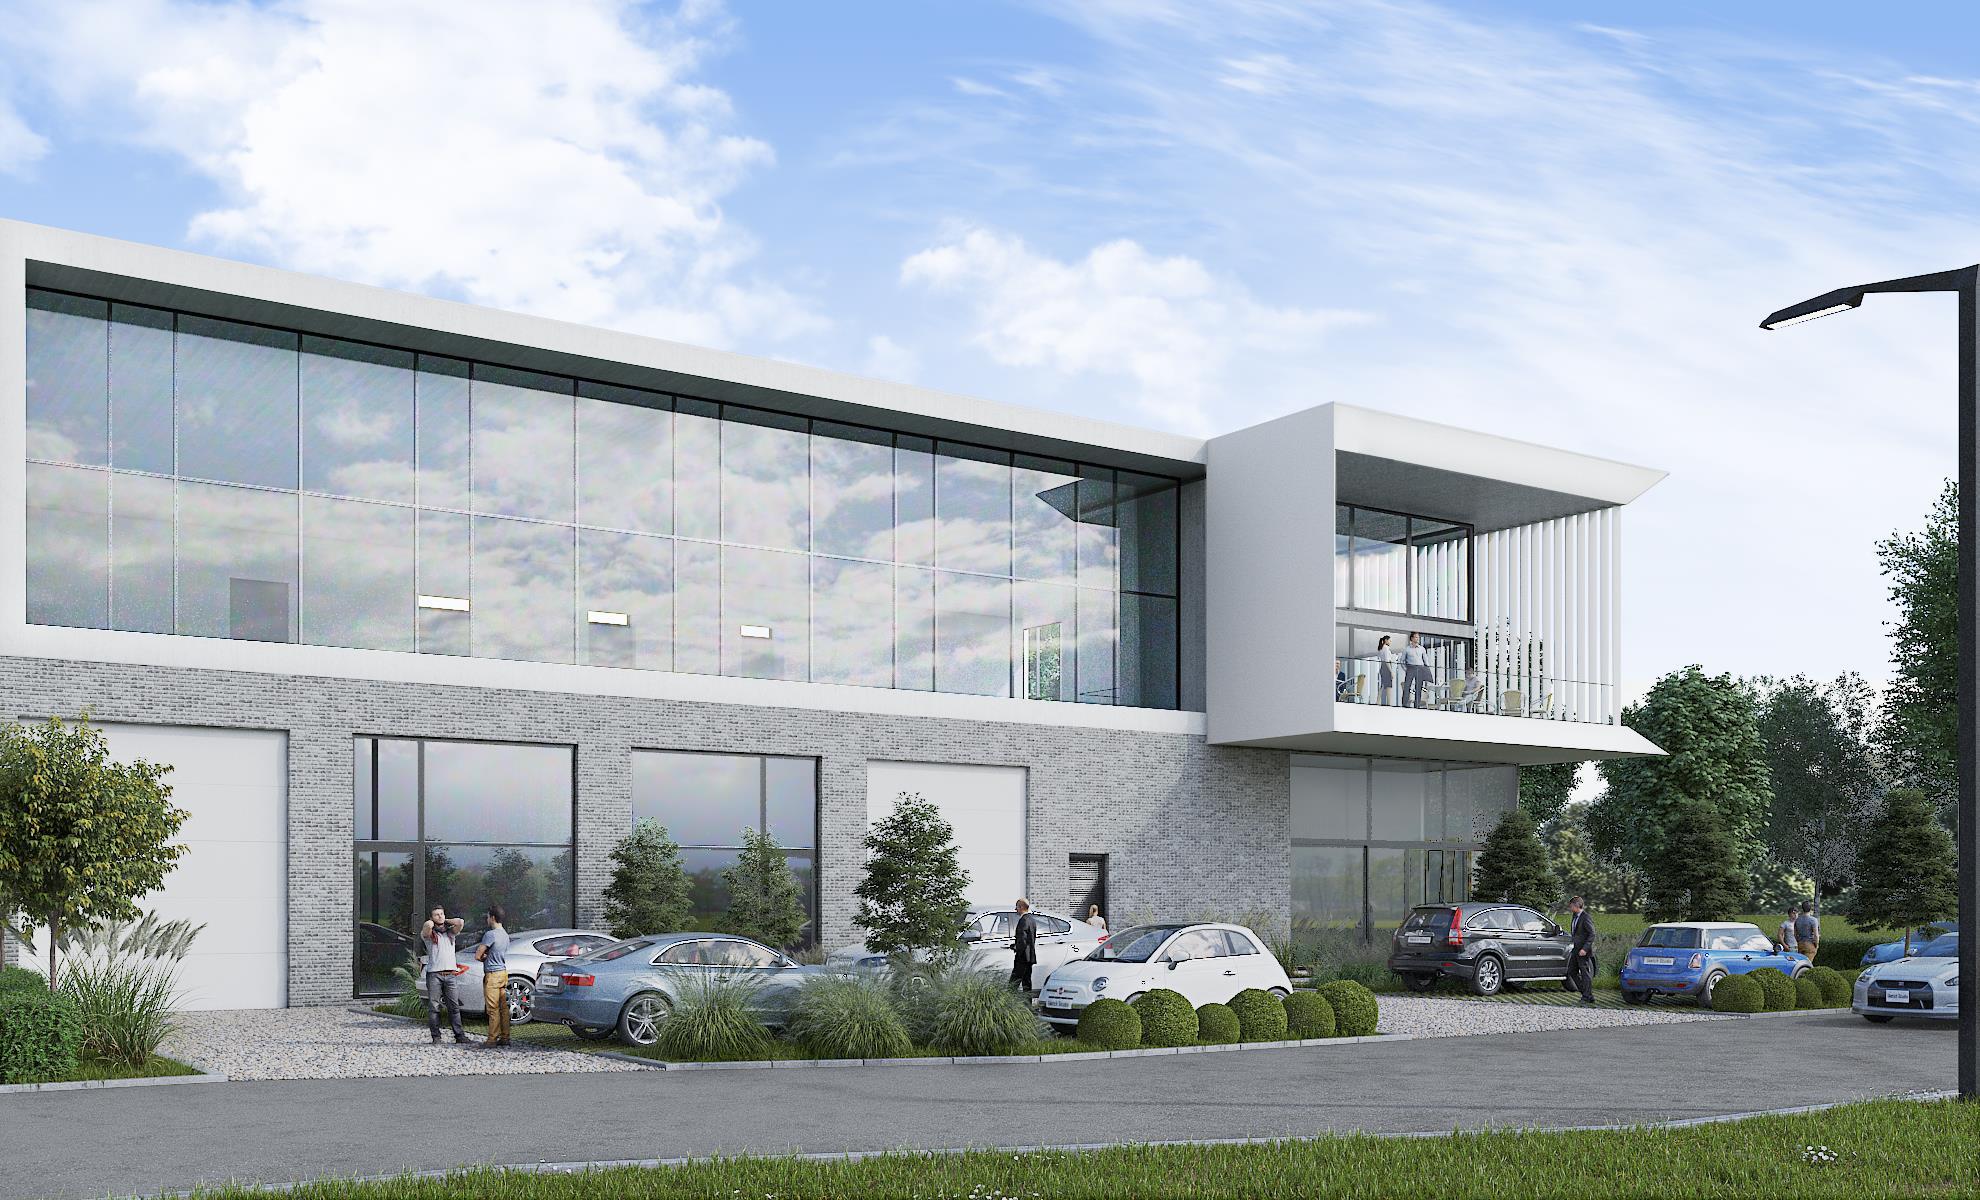 industrieel gebouw te huur NIEUWBOUW KMO UNIT/KANTOOR MET MAGAZIJN/806m²) - 3200 Aarschot, België 4